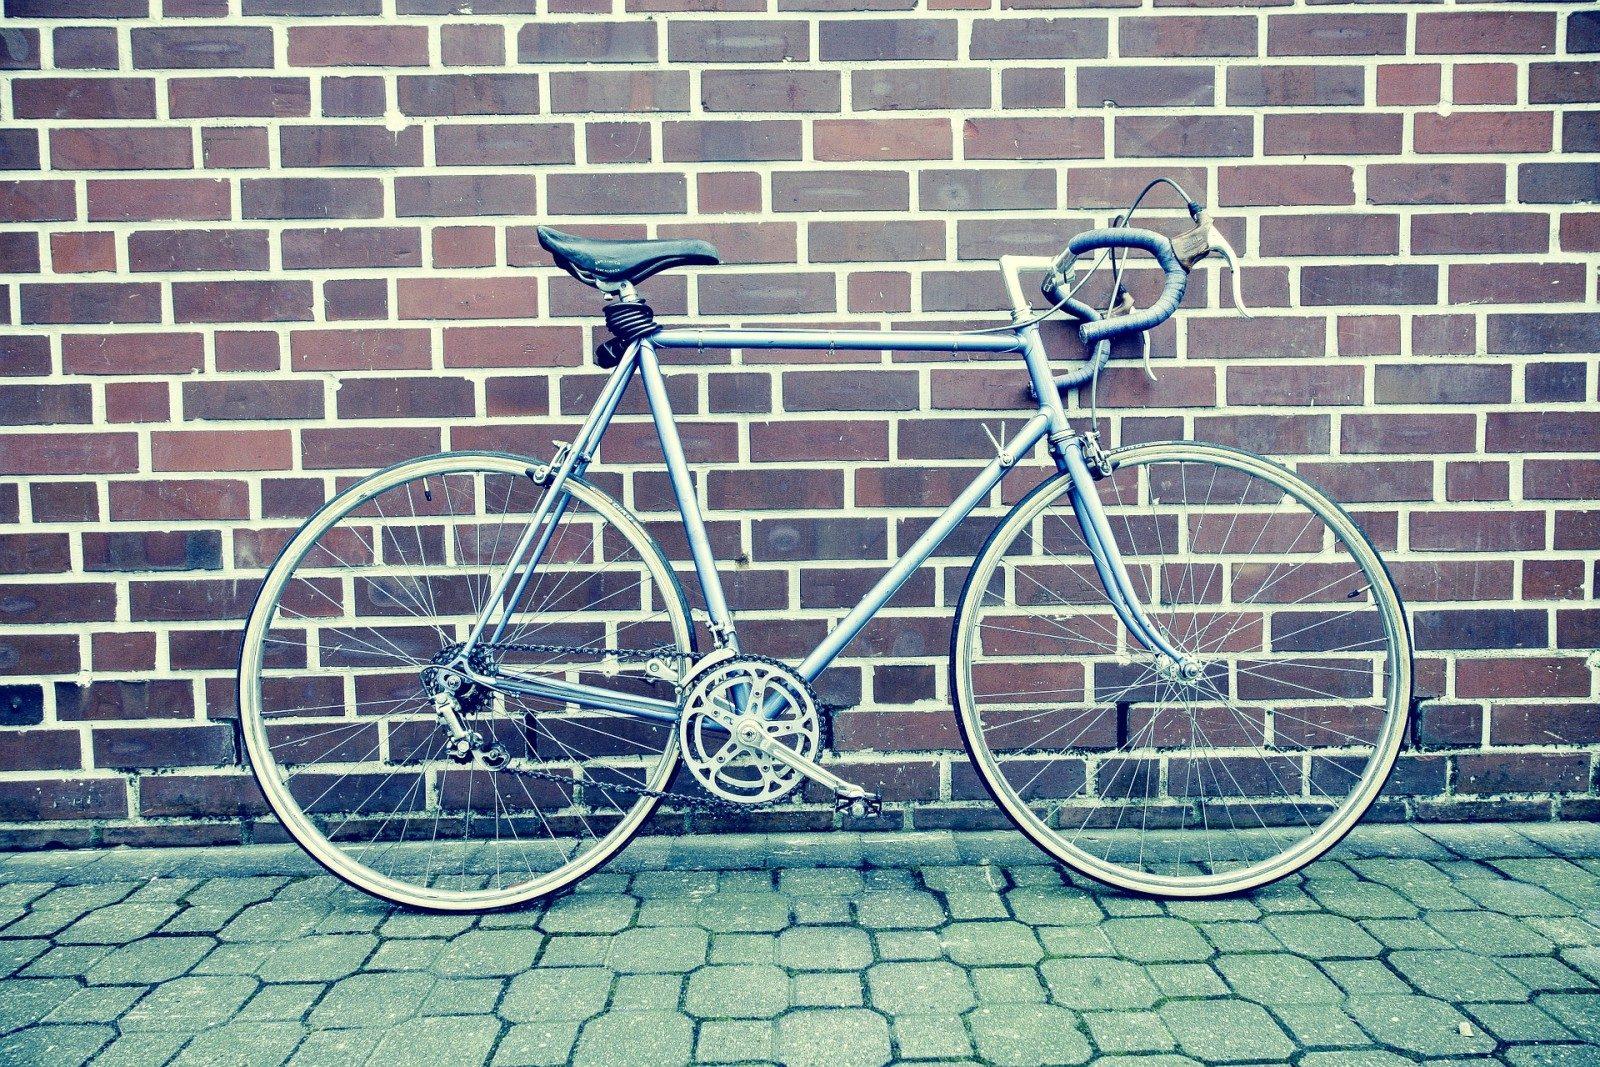 Opérations Le DonCoin et Récup'de vélos à Metz : recycler plutôt que jeter